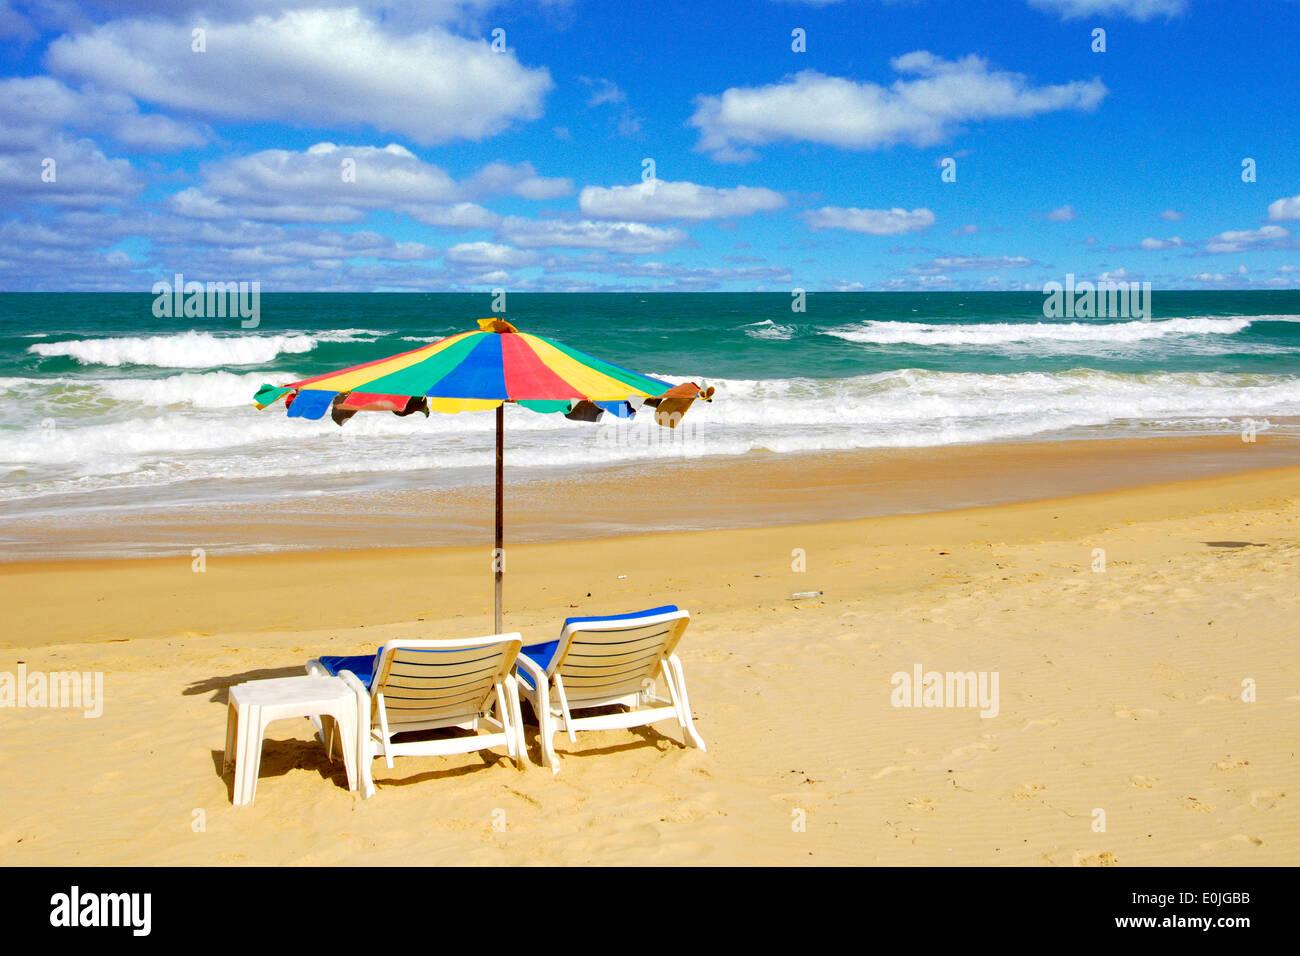 sonnenschirm und liegestuhl am strand insel phuket thailand stockfoto bild 69249471 alamy. Black Bedroom Furniture Sets. Home Design Ideas